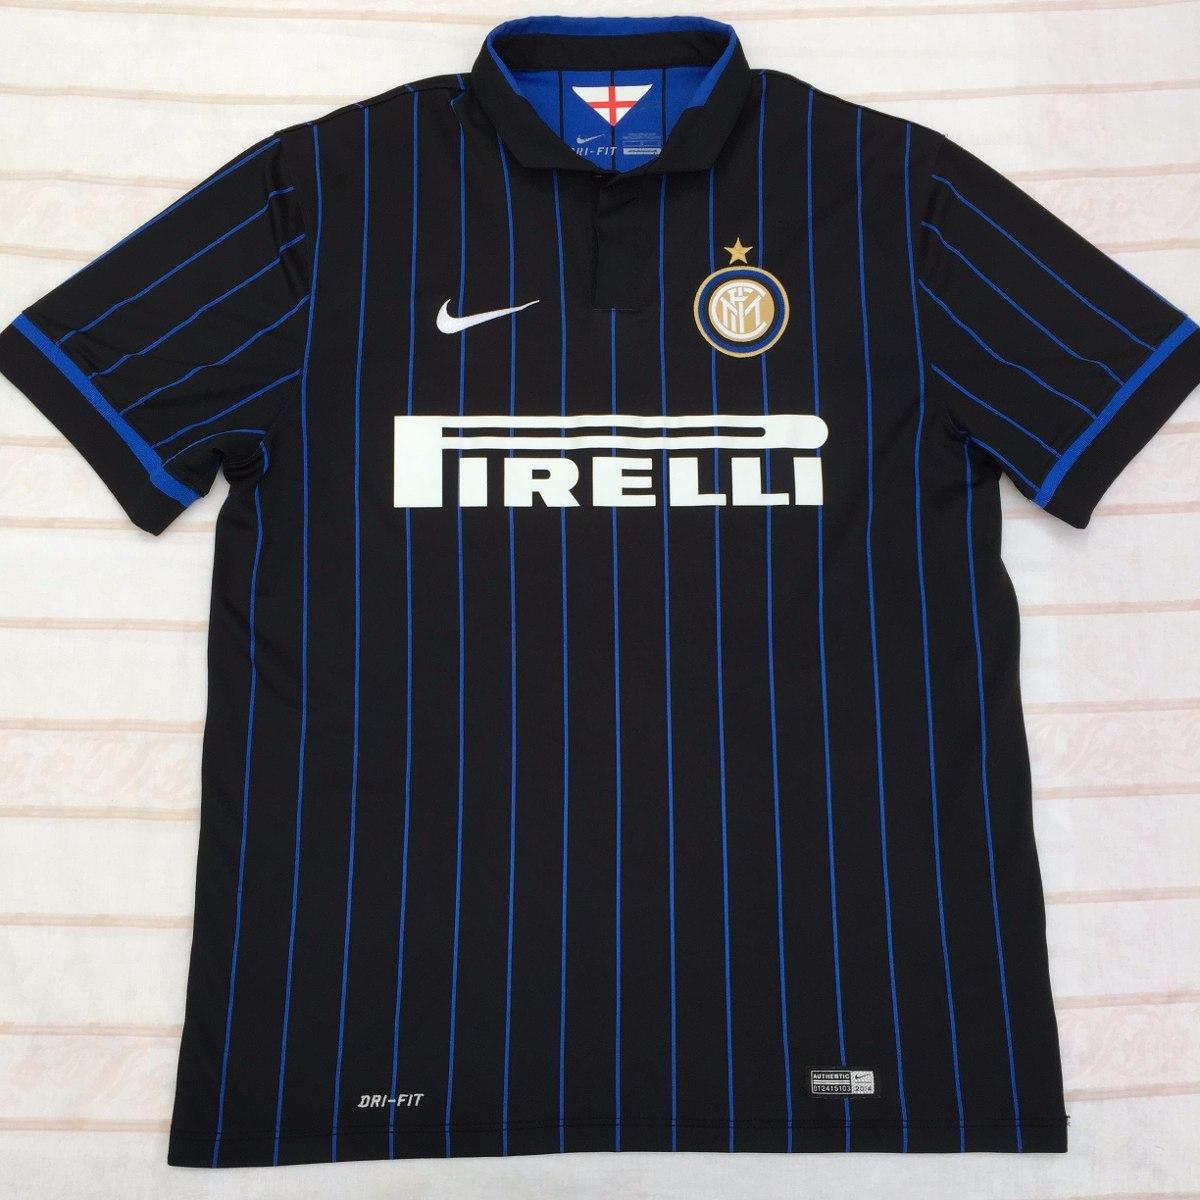 5957860a73 611062-011 Camisa Nike Inter Milão Home 14 15 G Fn1608 - R